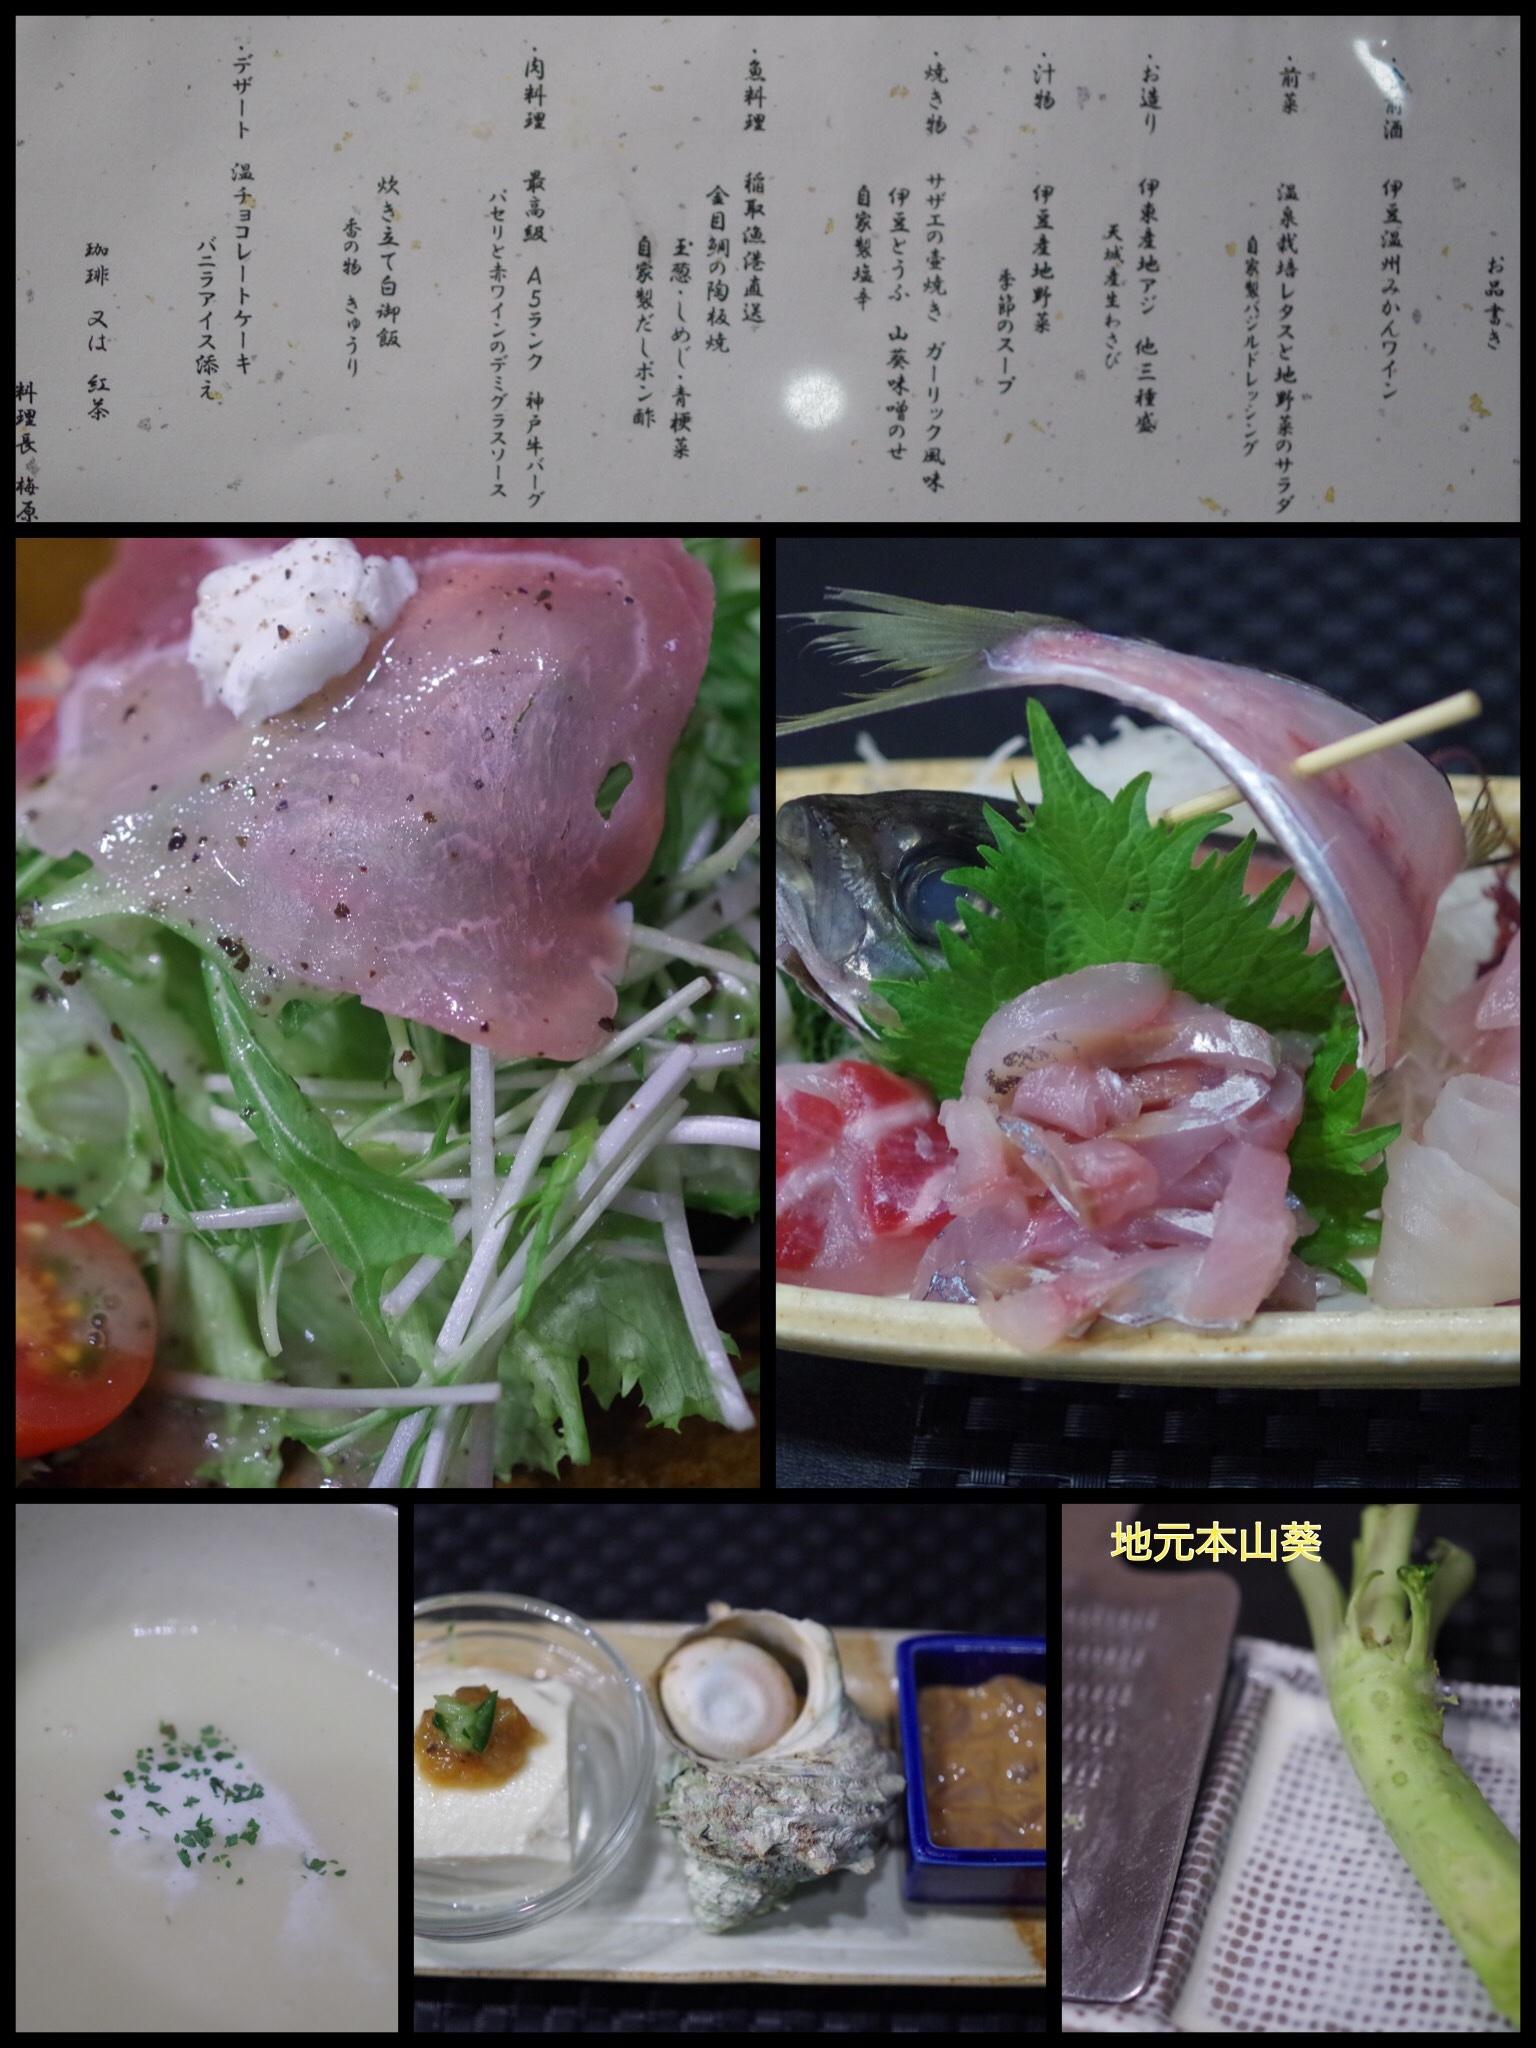 伊豆高原 記念日を祝う宿 自然家 Haco 夕食